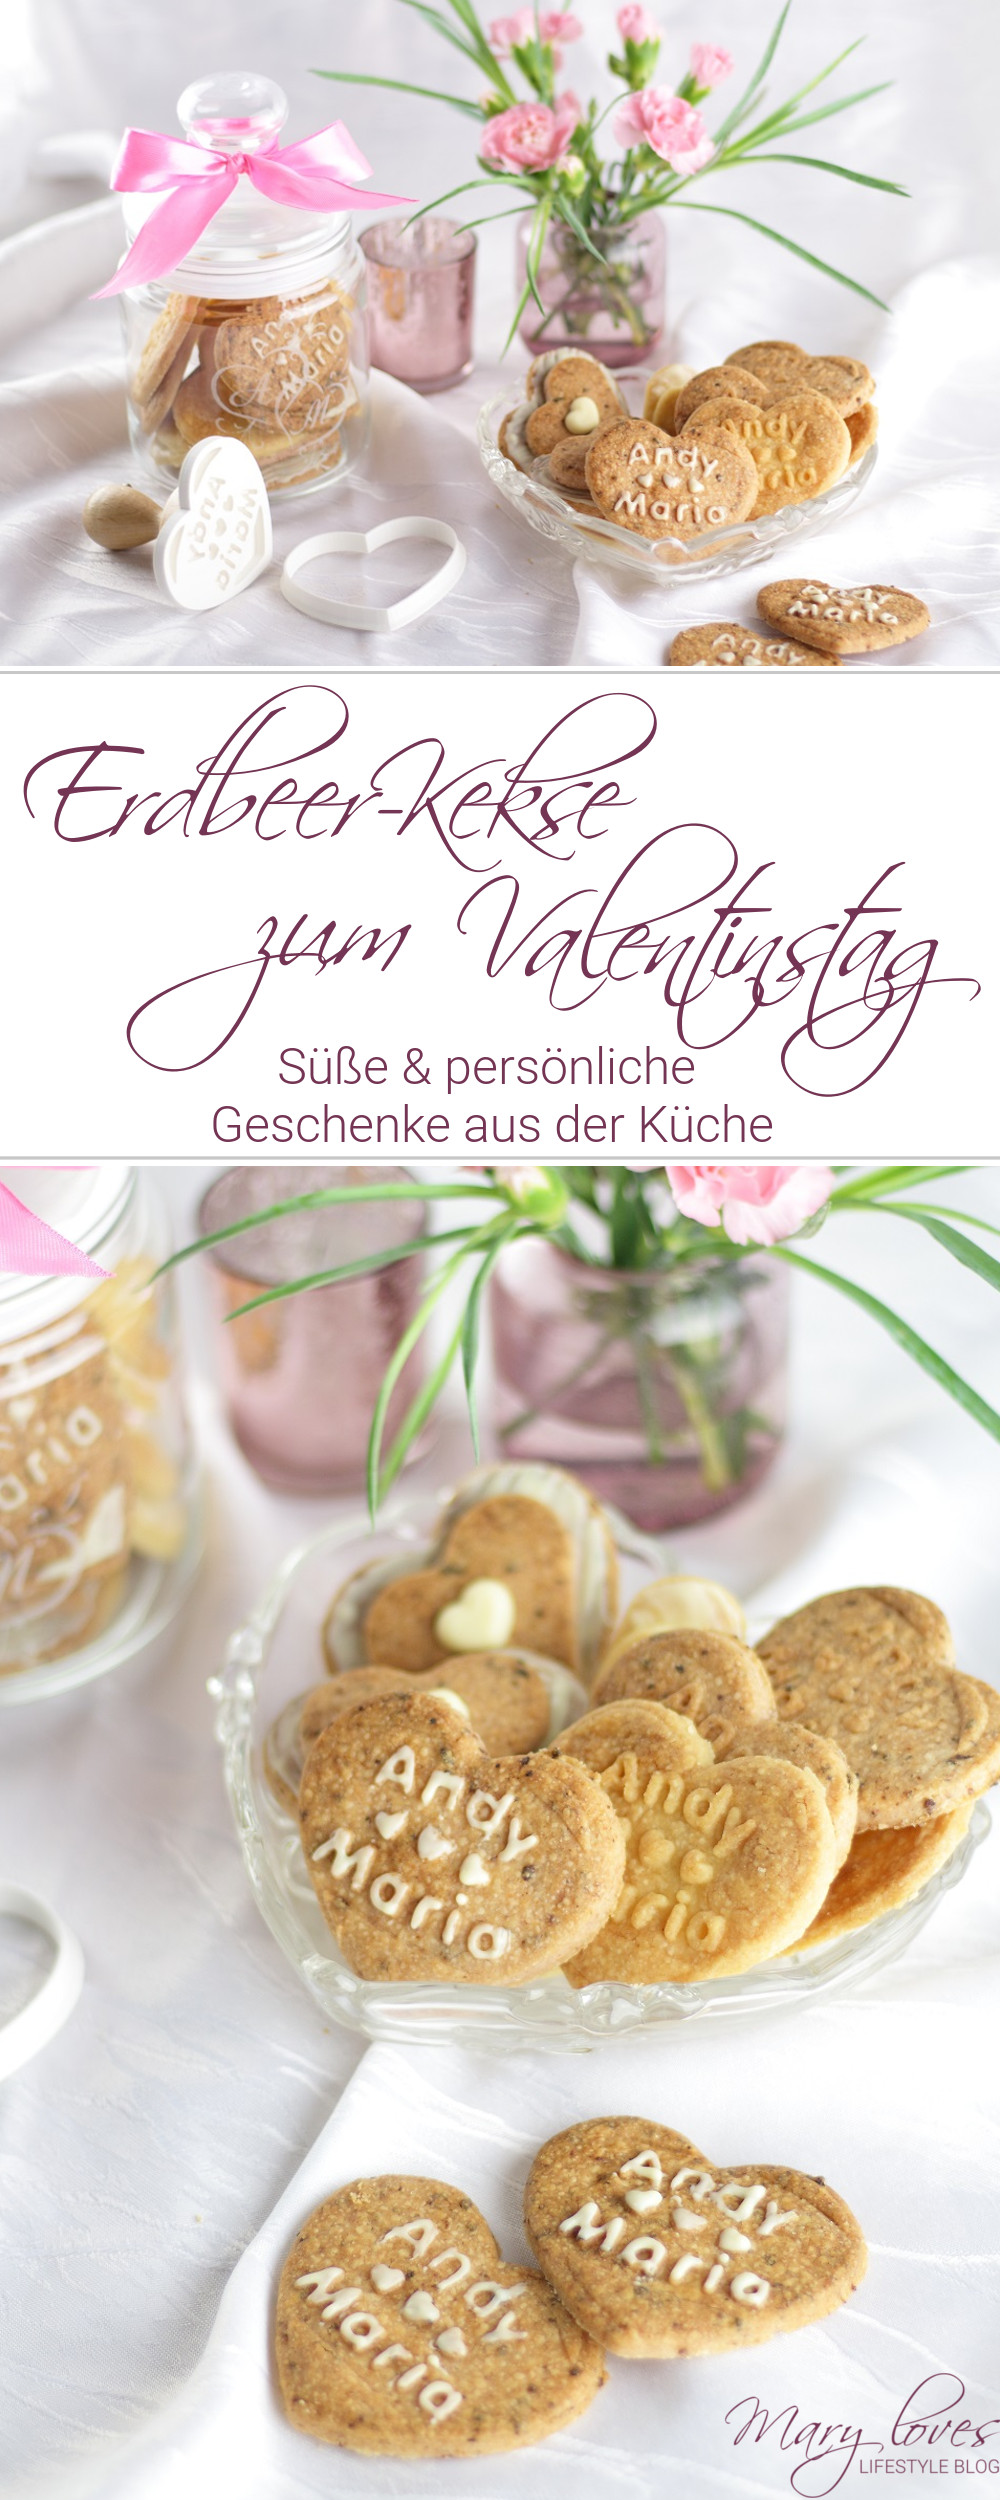 Personalisierbare Küchengeschenke & Erdbeer-Kekse zum ...